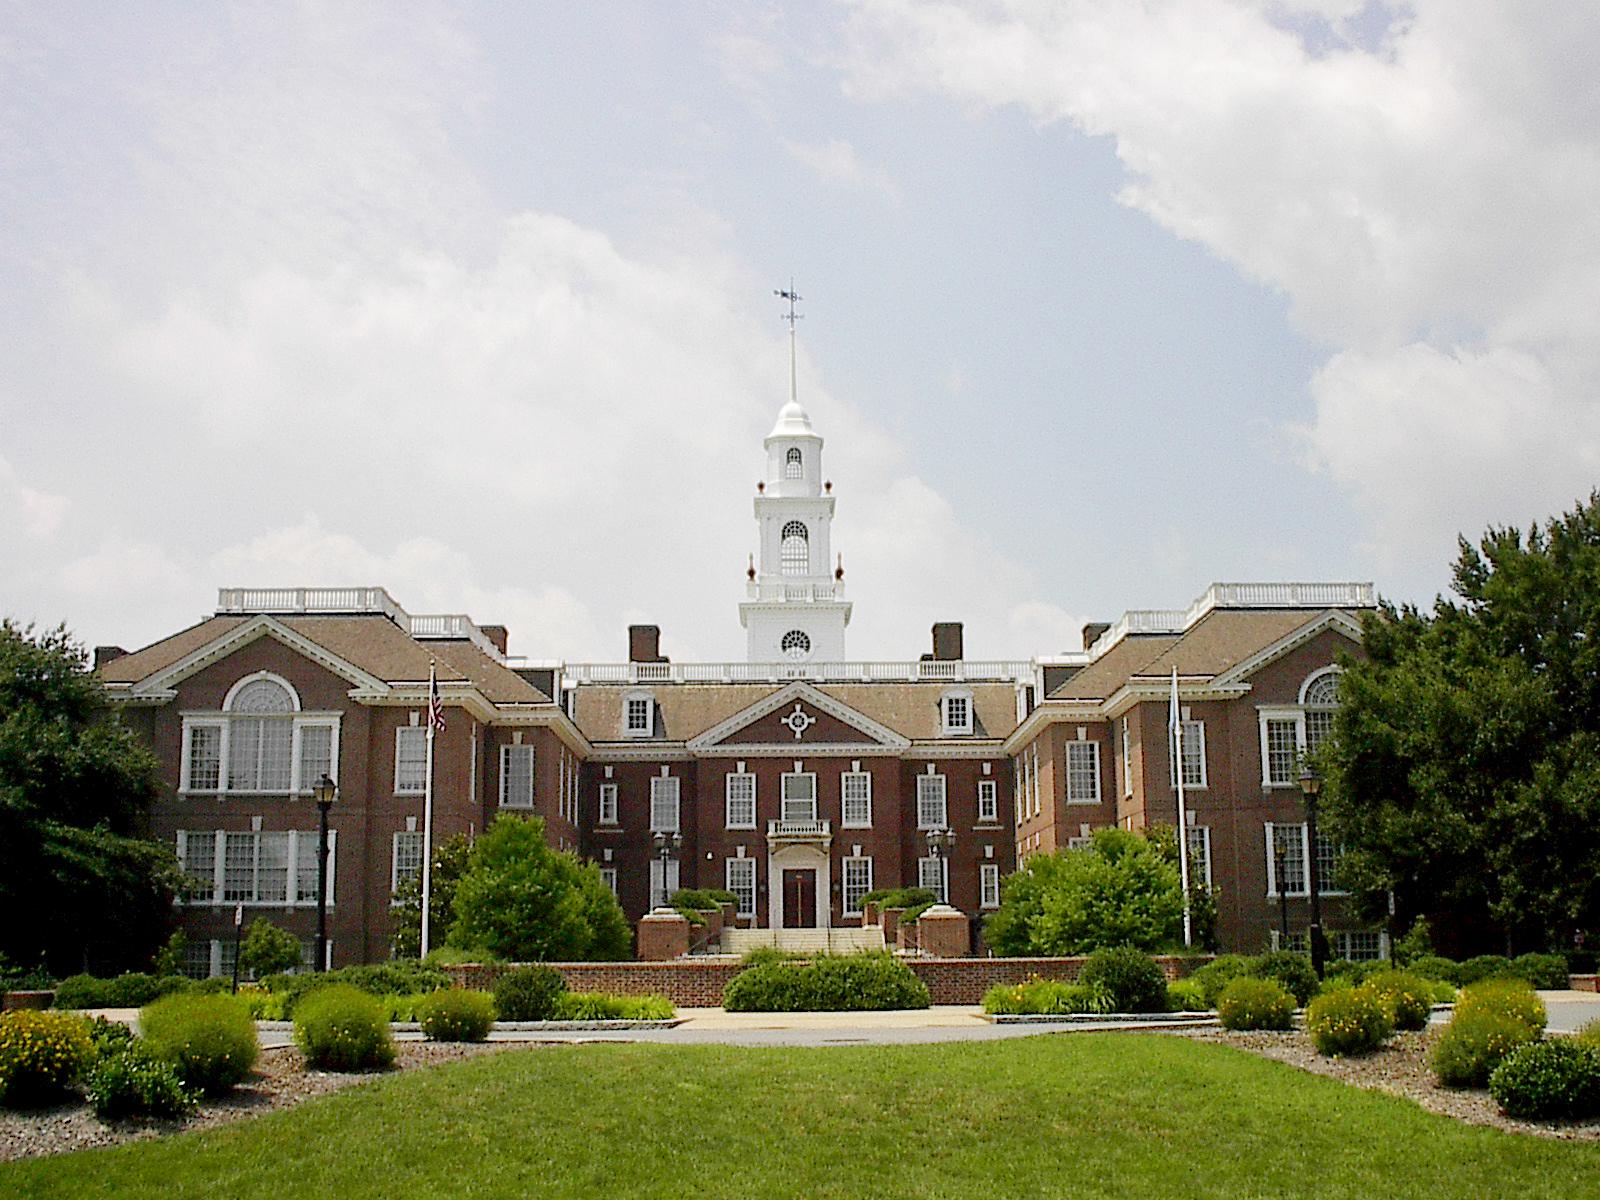 The Delaware State Capitol in Dover, Delaware